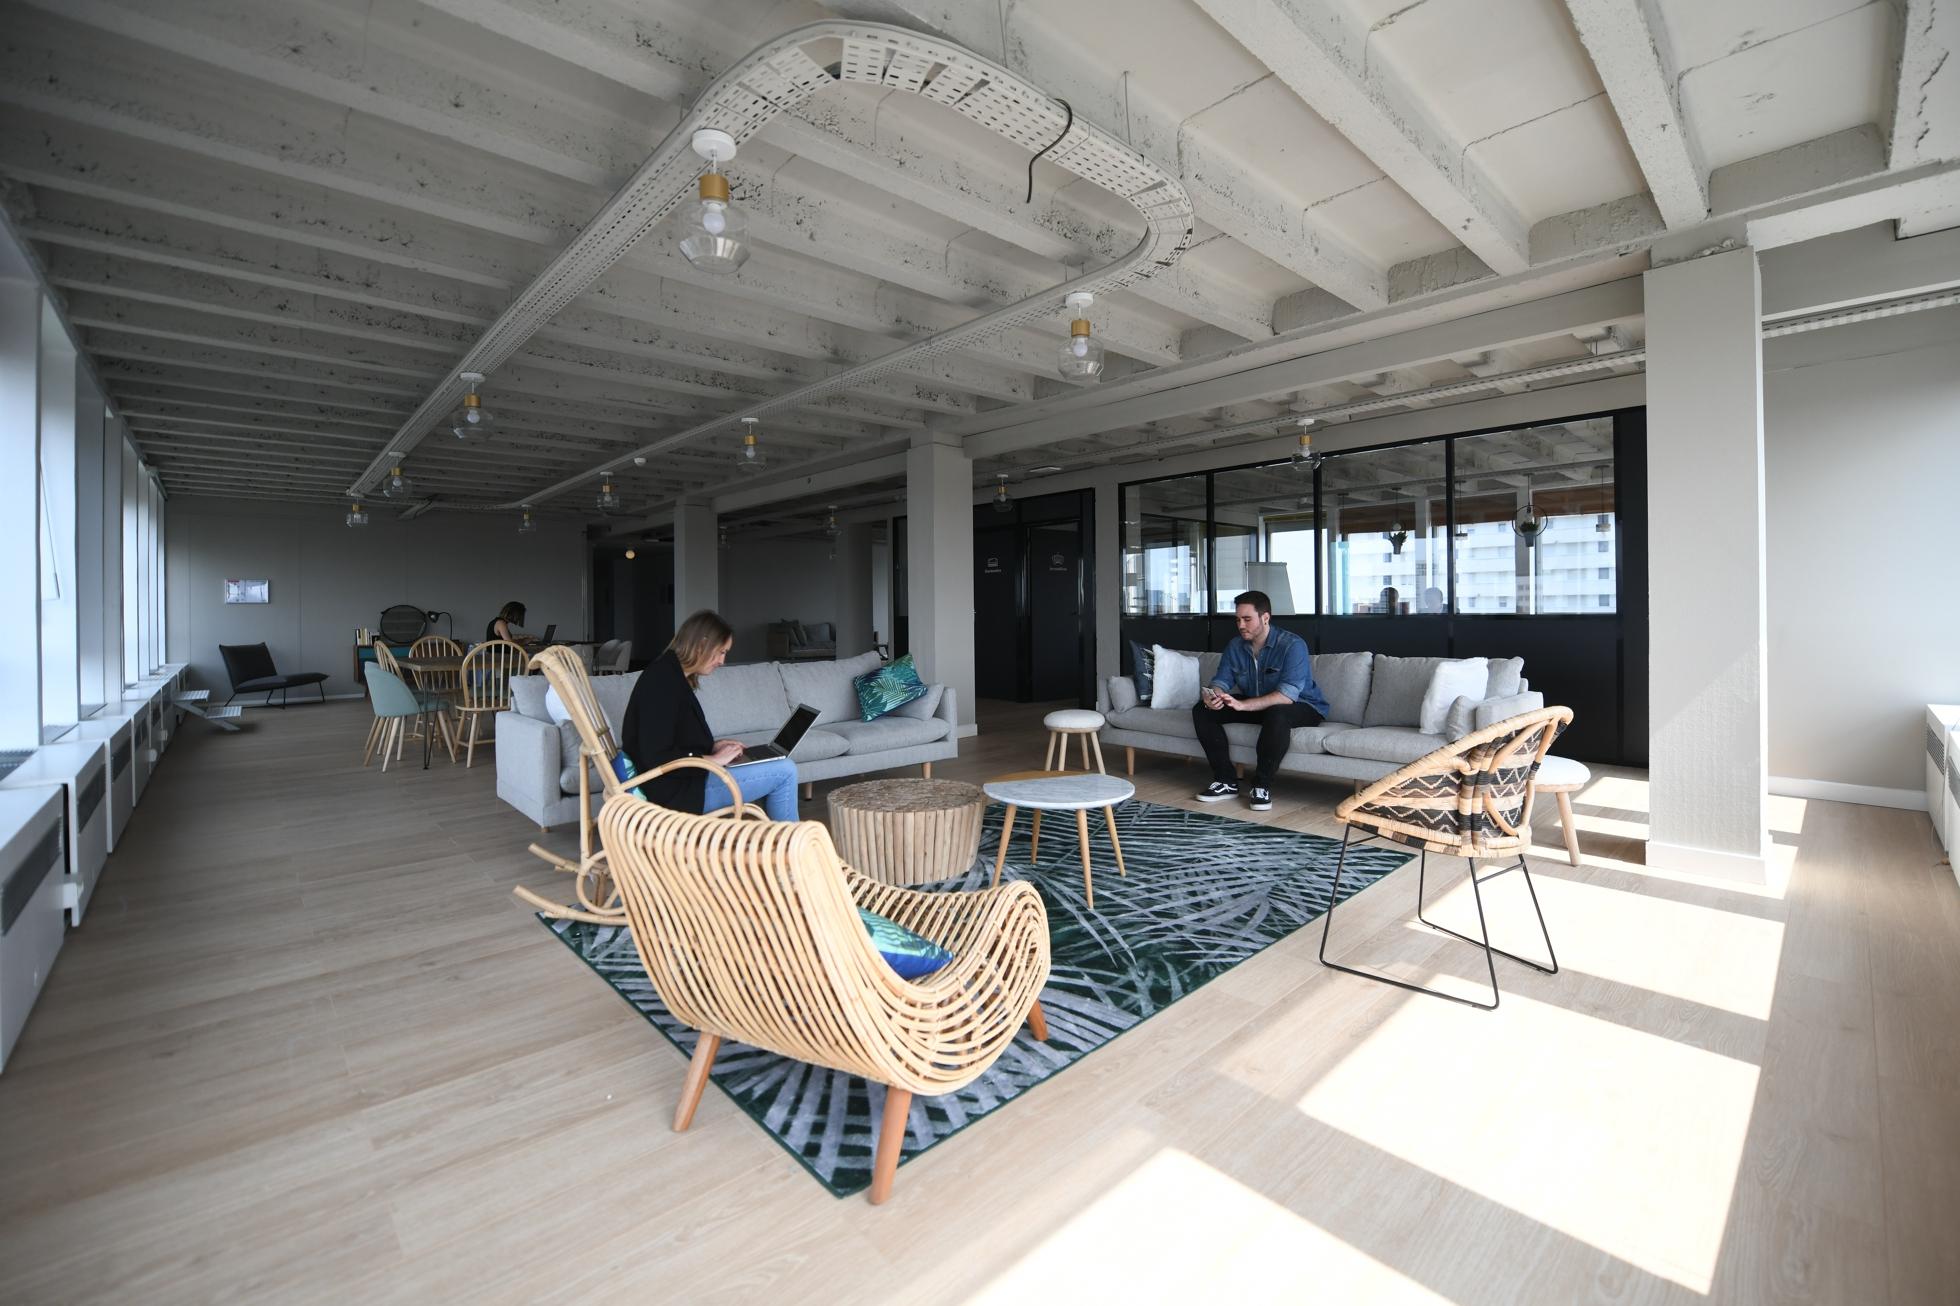 8ad2dada0d8b9 Morning Coworking a ouvert début mai un nouvelle espace dans le quartier  Bellini - Defense-